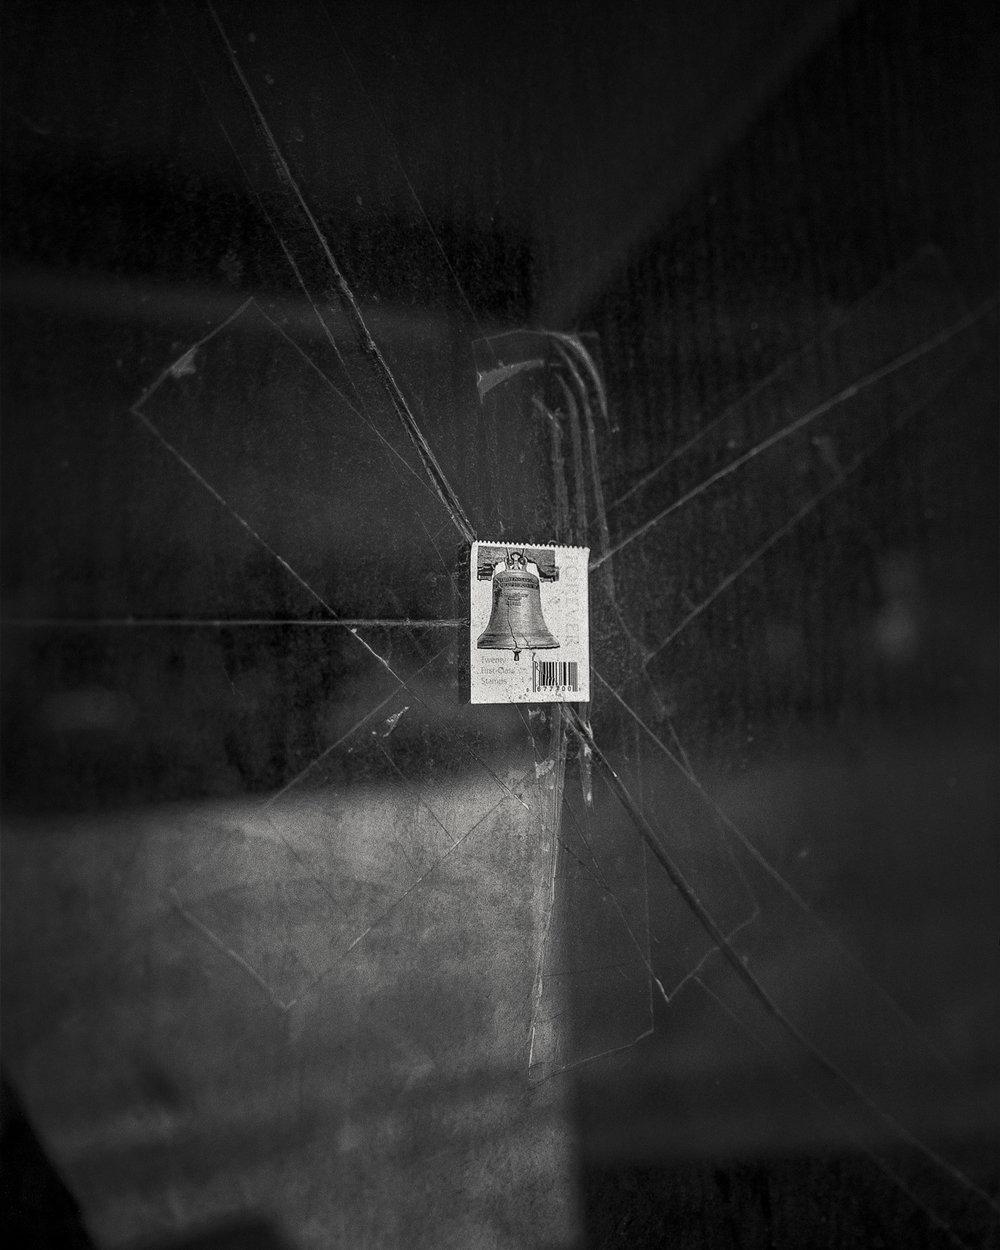 lenscratch-02-2.jpg